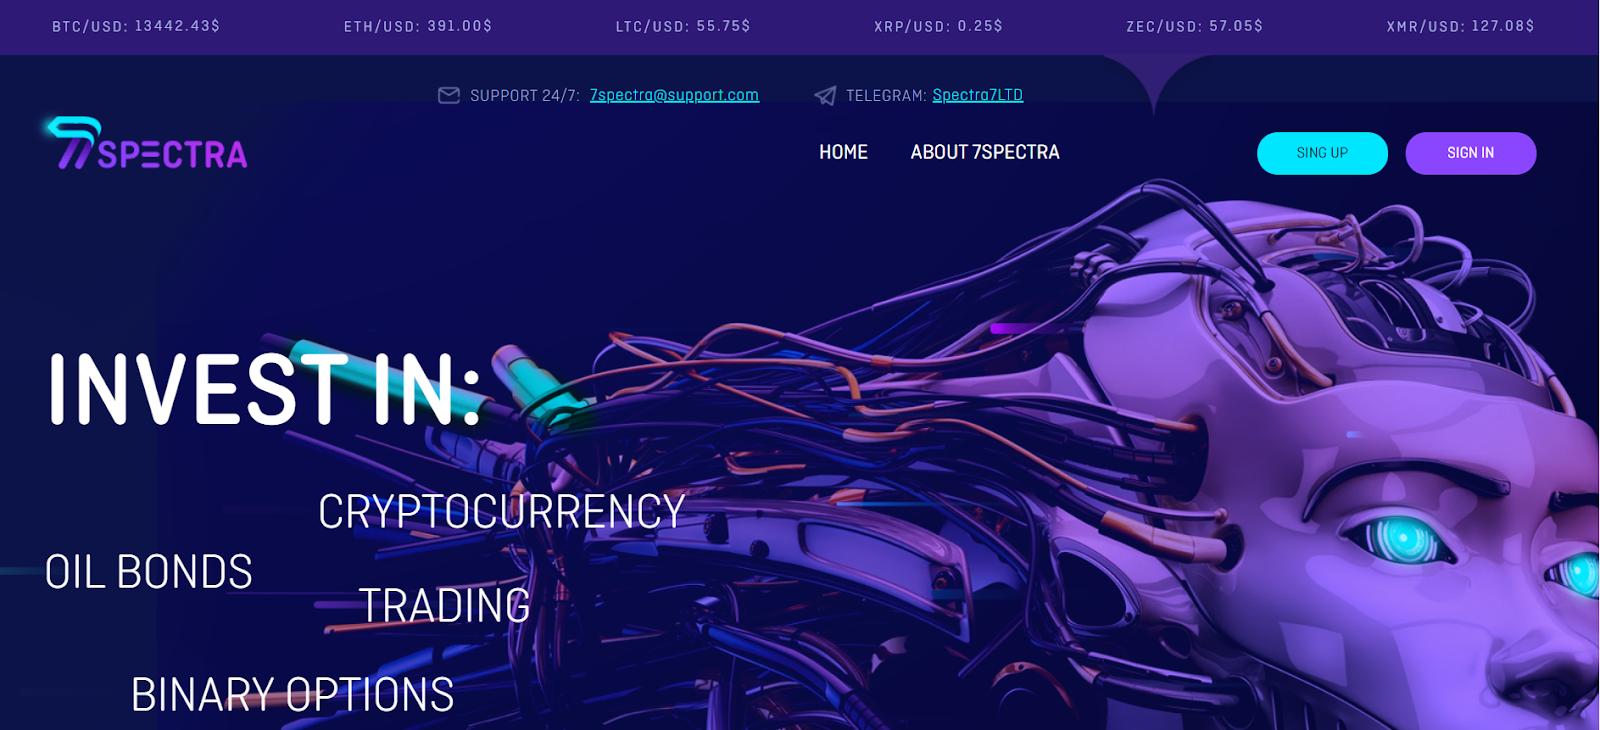 Обзор новой инвестиционной платформы 7Spectra, отзывы инвесторов